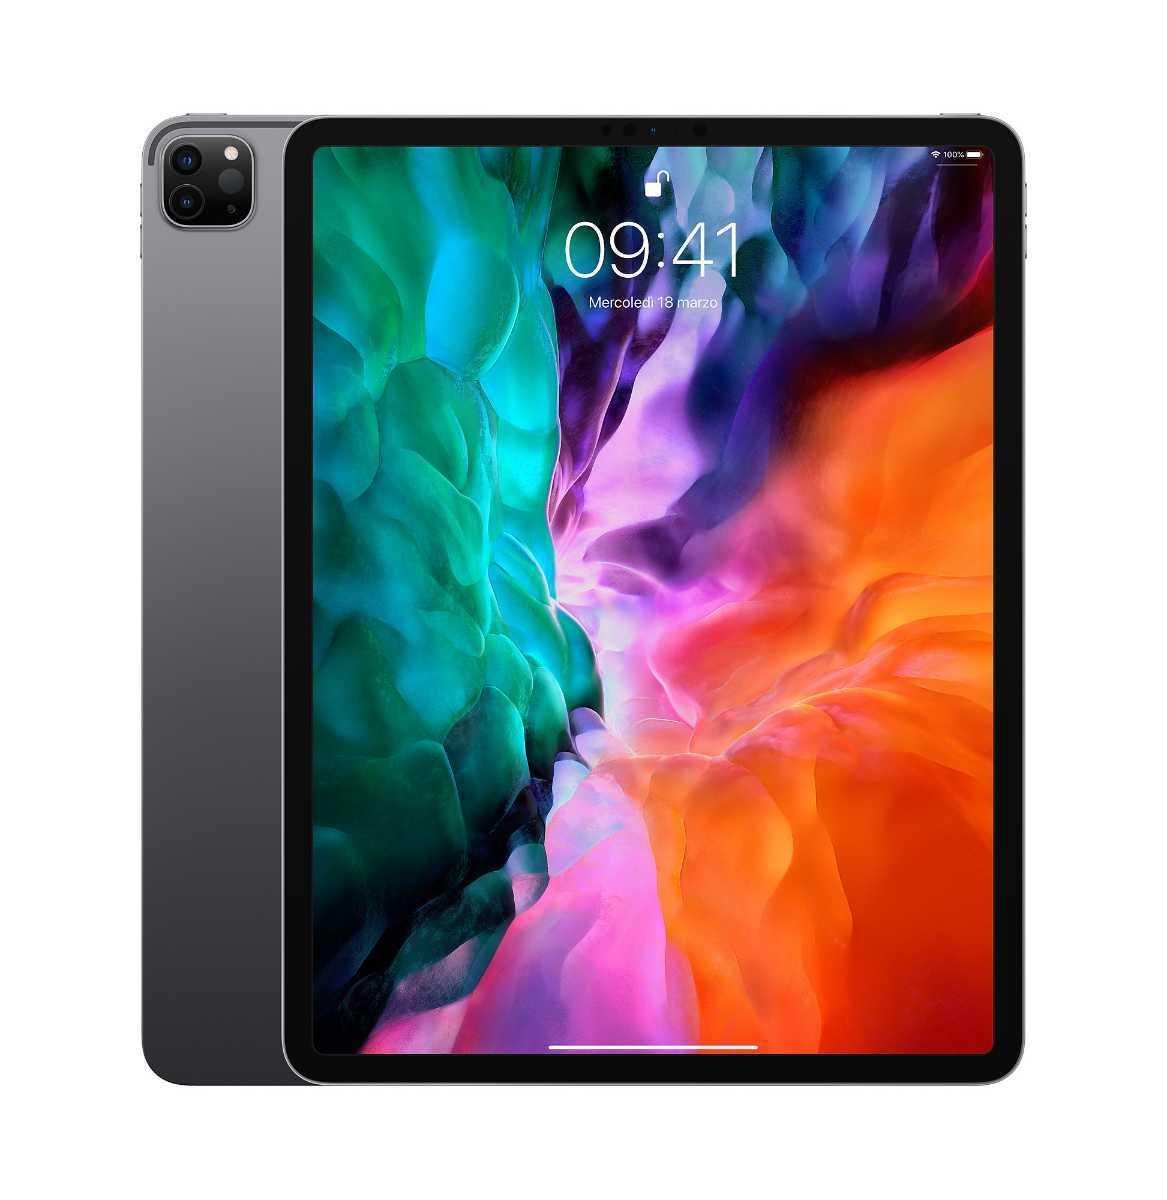 アップル Apple アイパッド プロ iPad Pro 11インチ Wi-Fi 256GB スペースグレイ MXDC2J/A